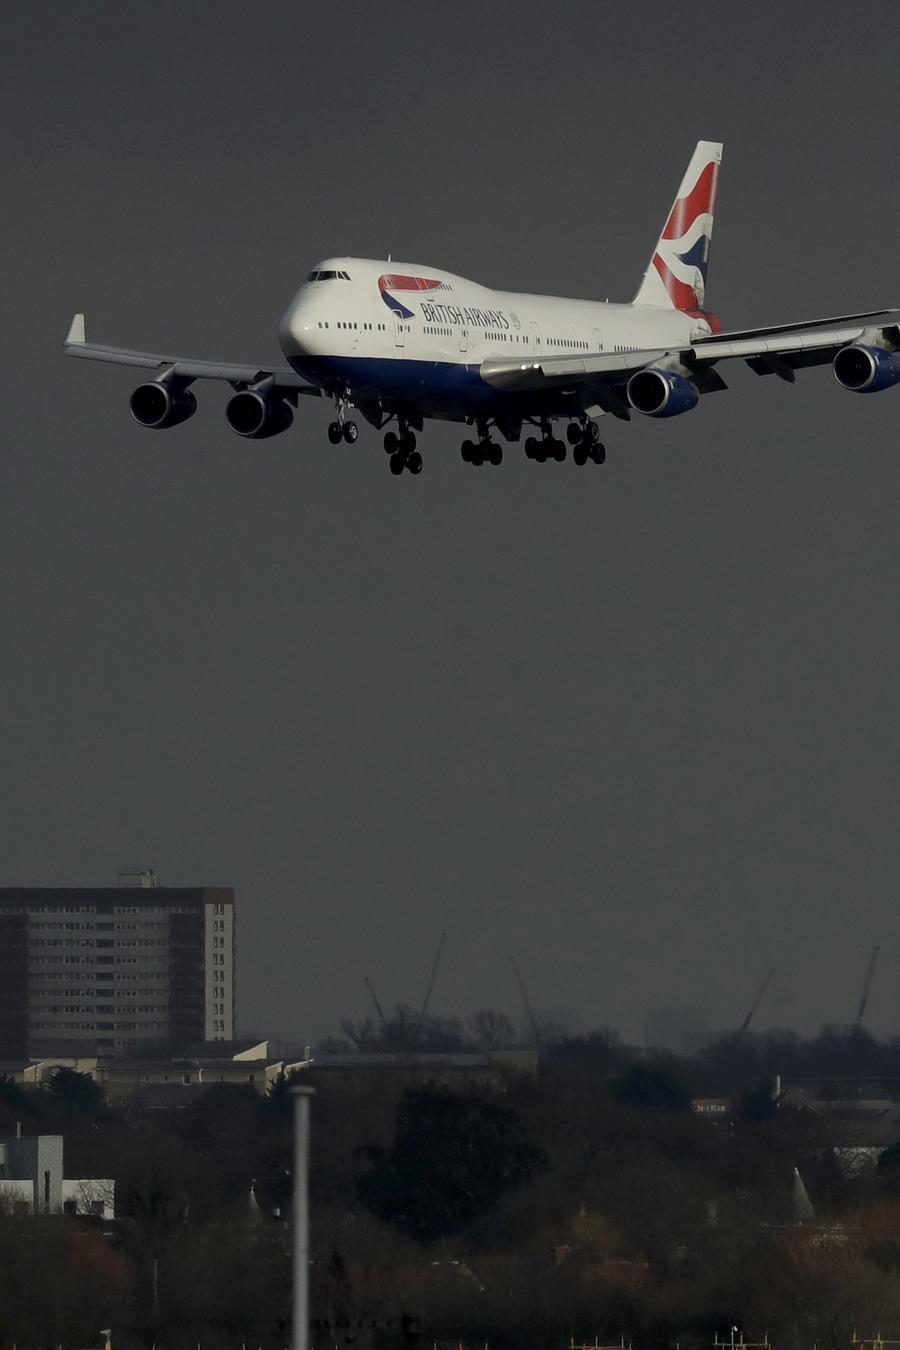 Avión aterrizando en el aeropuerto de Heathrow en Londres